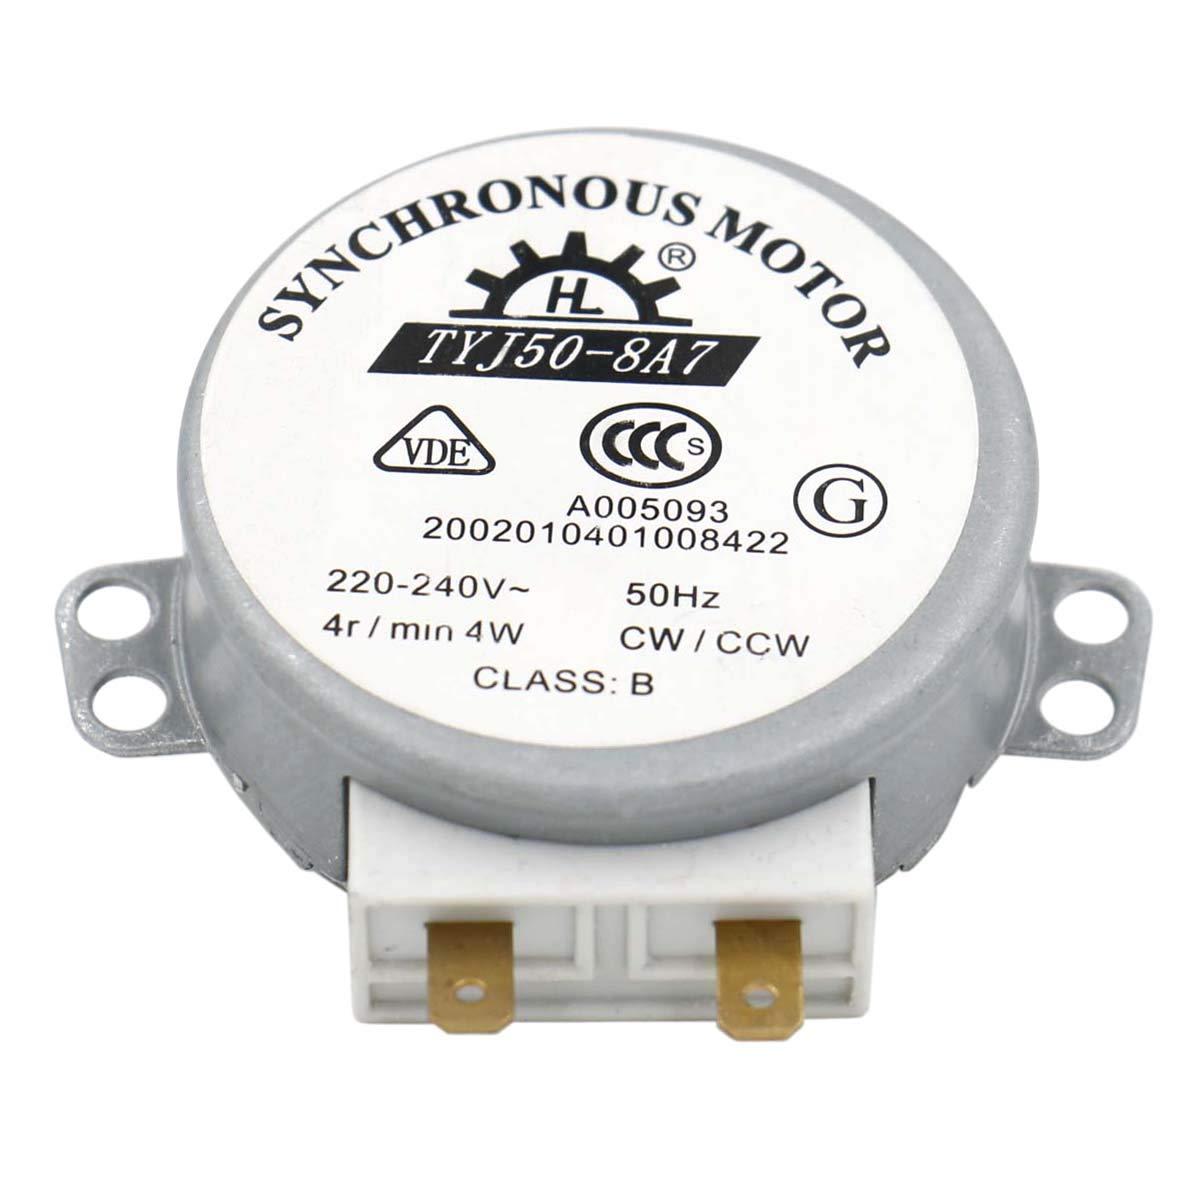 Heschen motor TYJ50-8A7 220-240V AC 4R / Min CW / CCW 50Hz para mesa de viraje de horno de microondas VDE listada